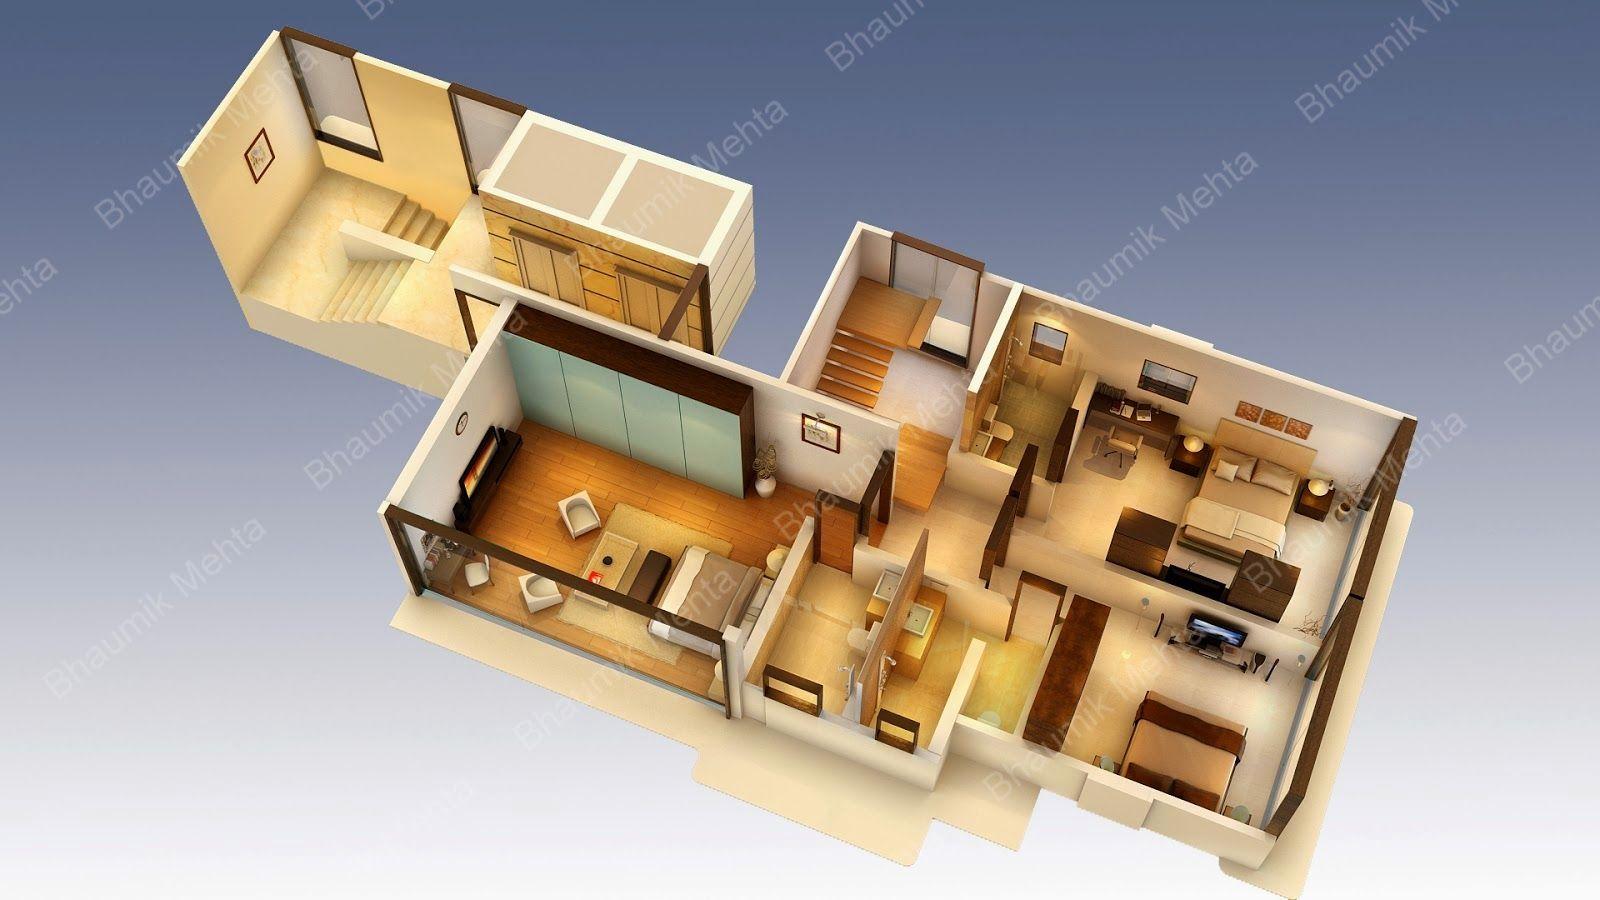 Plan de maison en 3D | Plan maison 3d, Plan maison et Maison